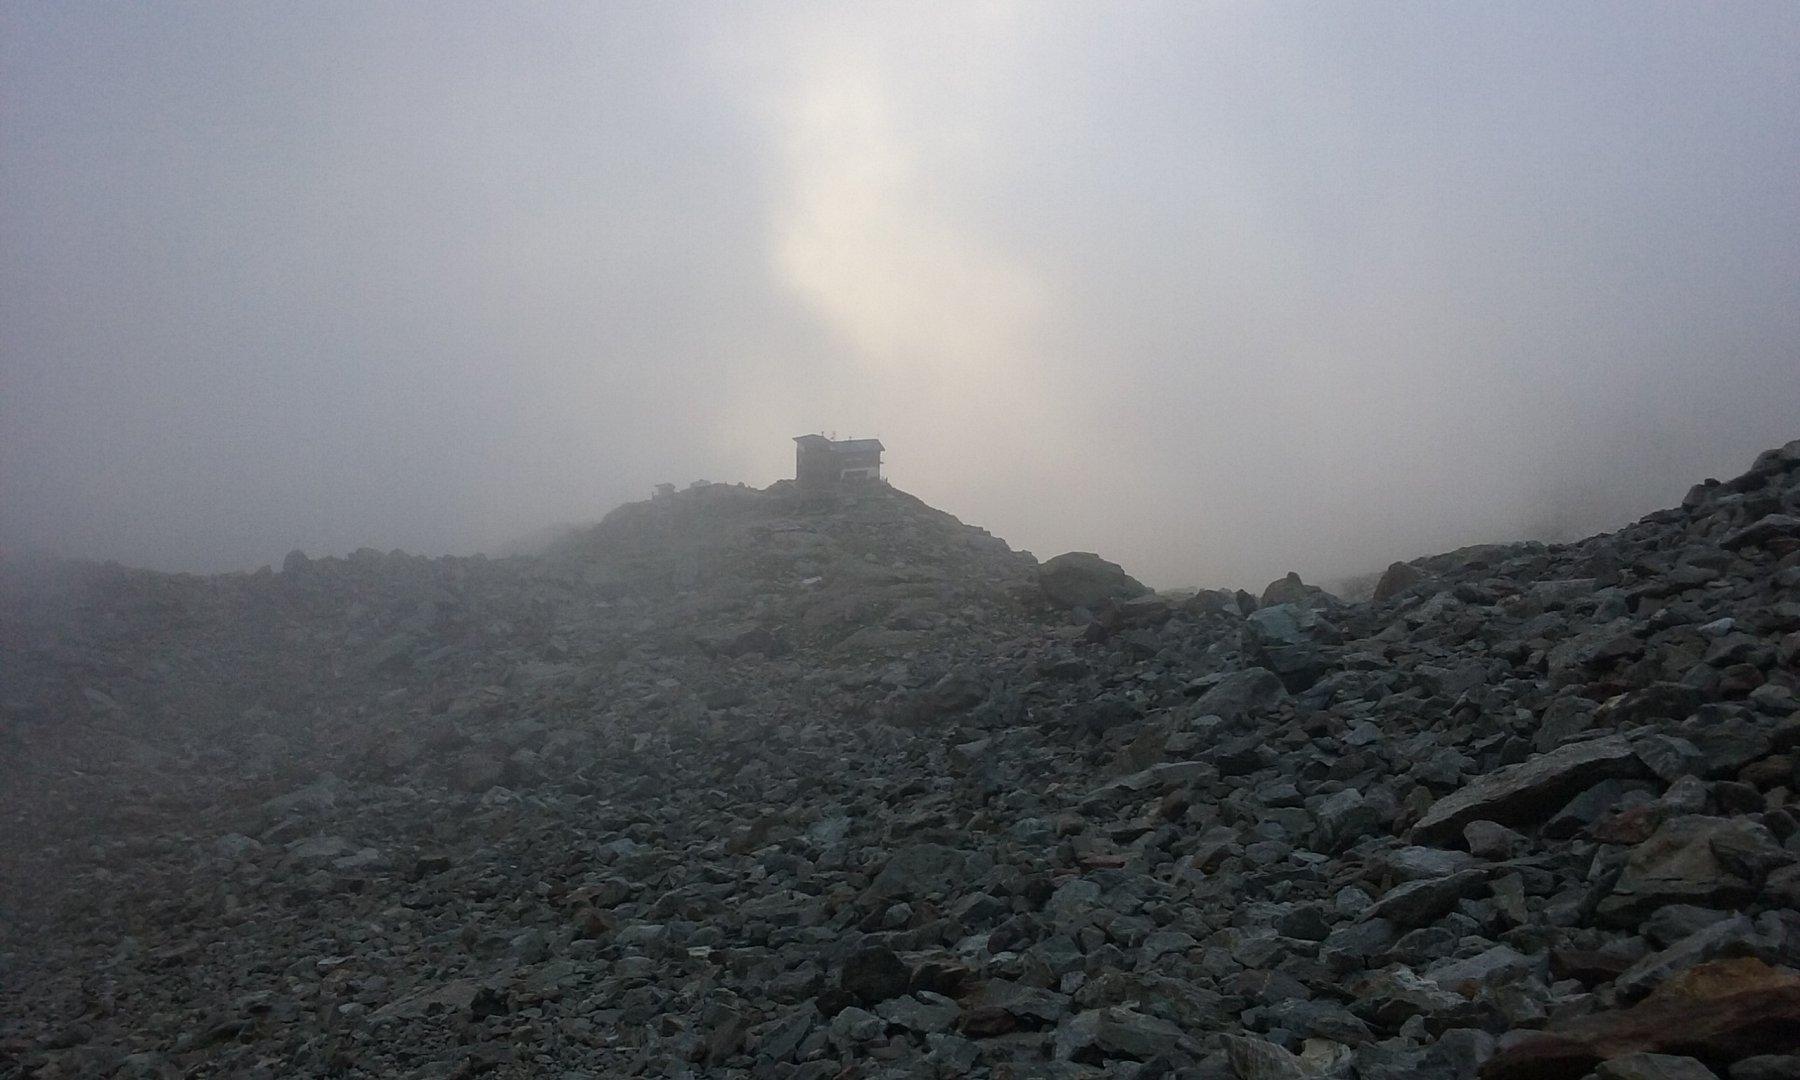 Il sole buca la nebbia mattutina sopra il Remondino